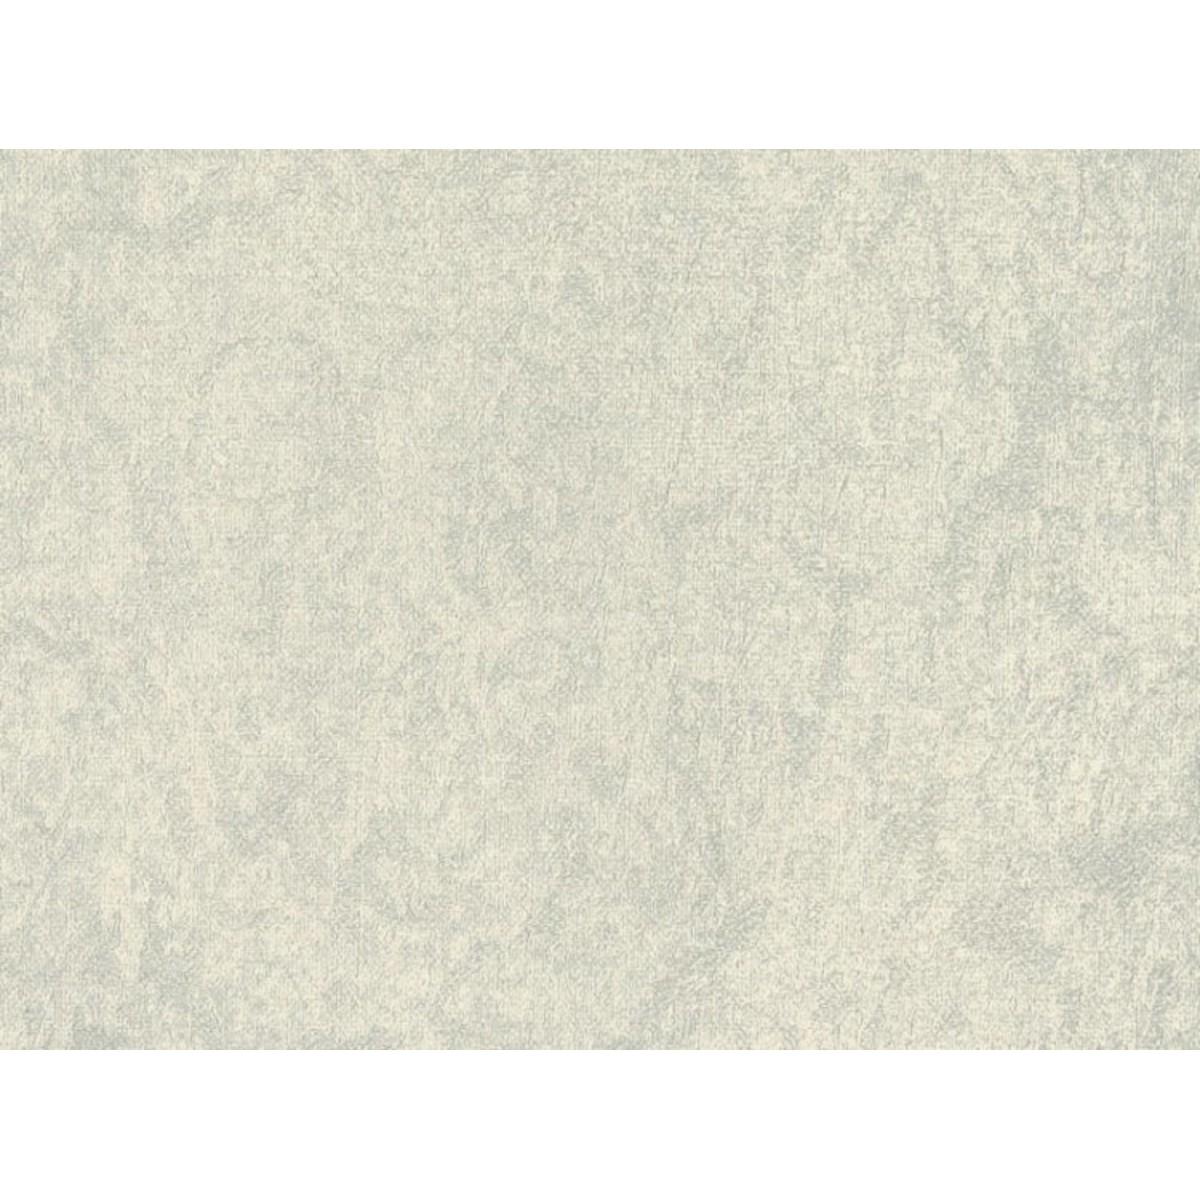 Обои флизелиновые De Visu Homewood серые 1.06 м 805HM